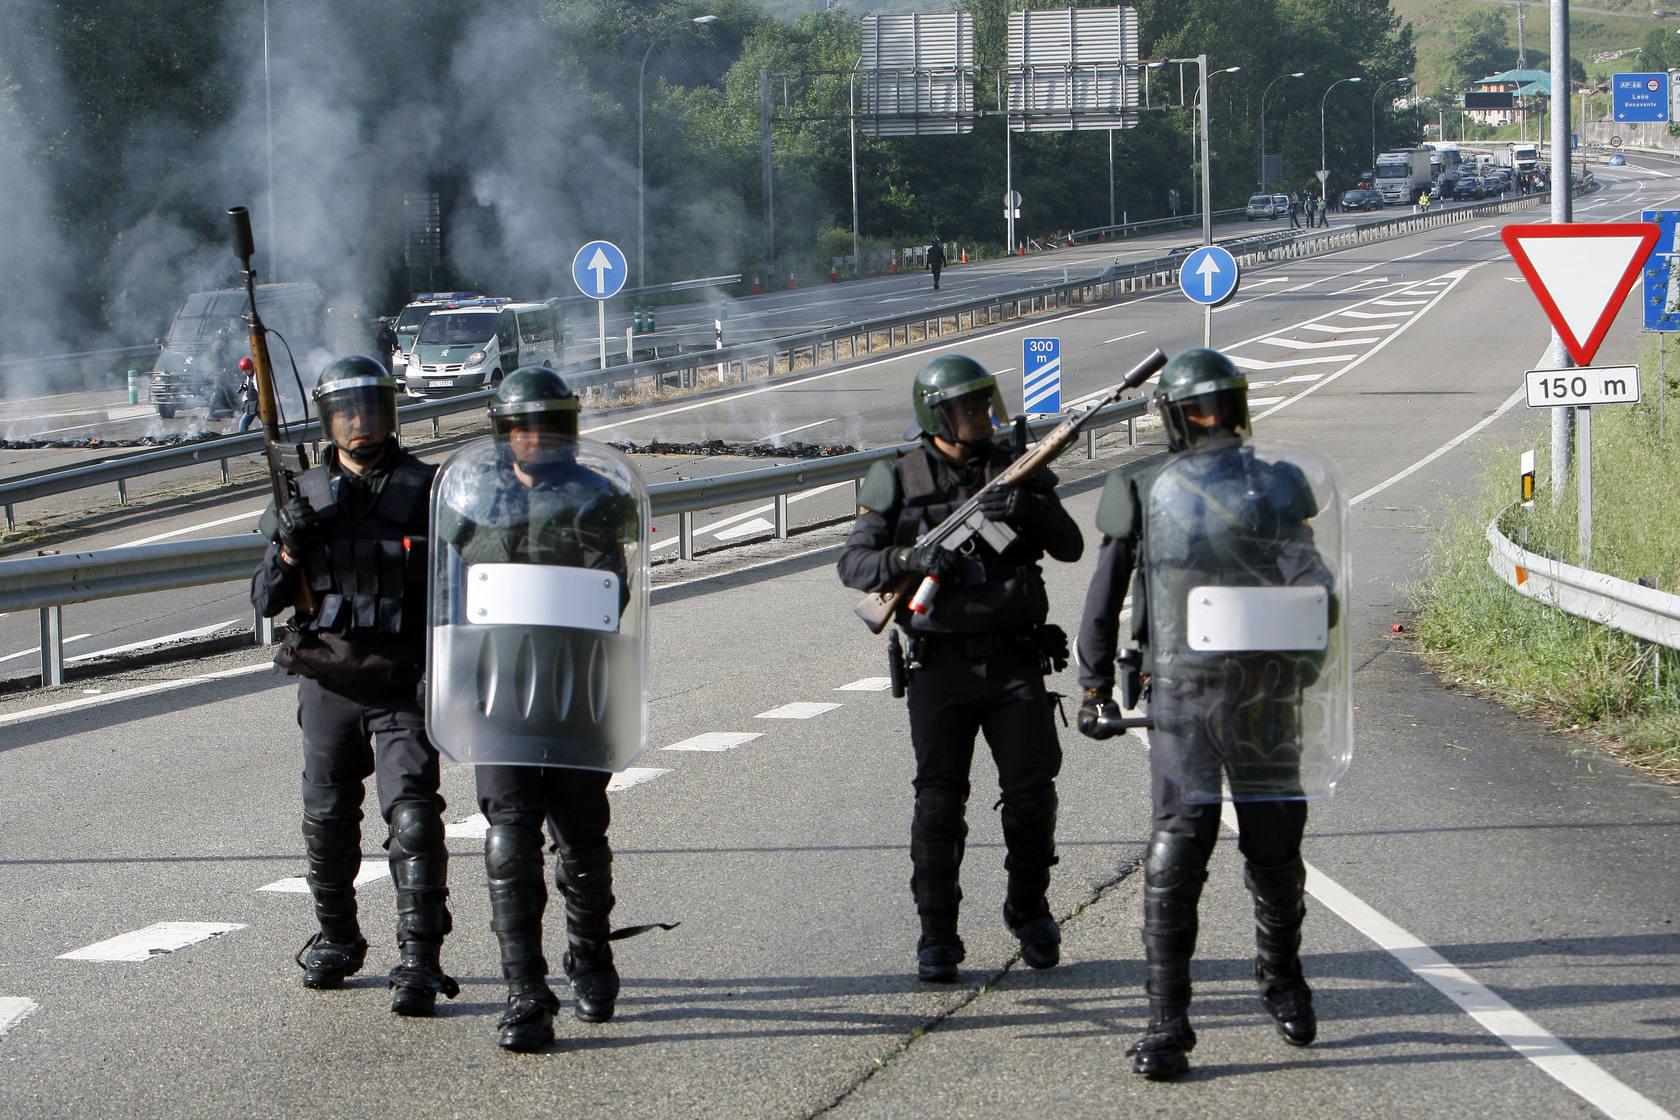 Los mineros se enfrentan a los antidisturbios en Campomanes